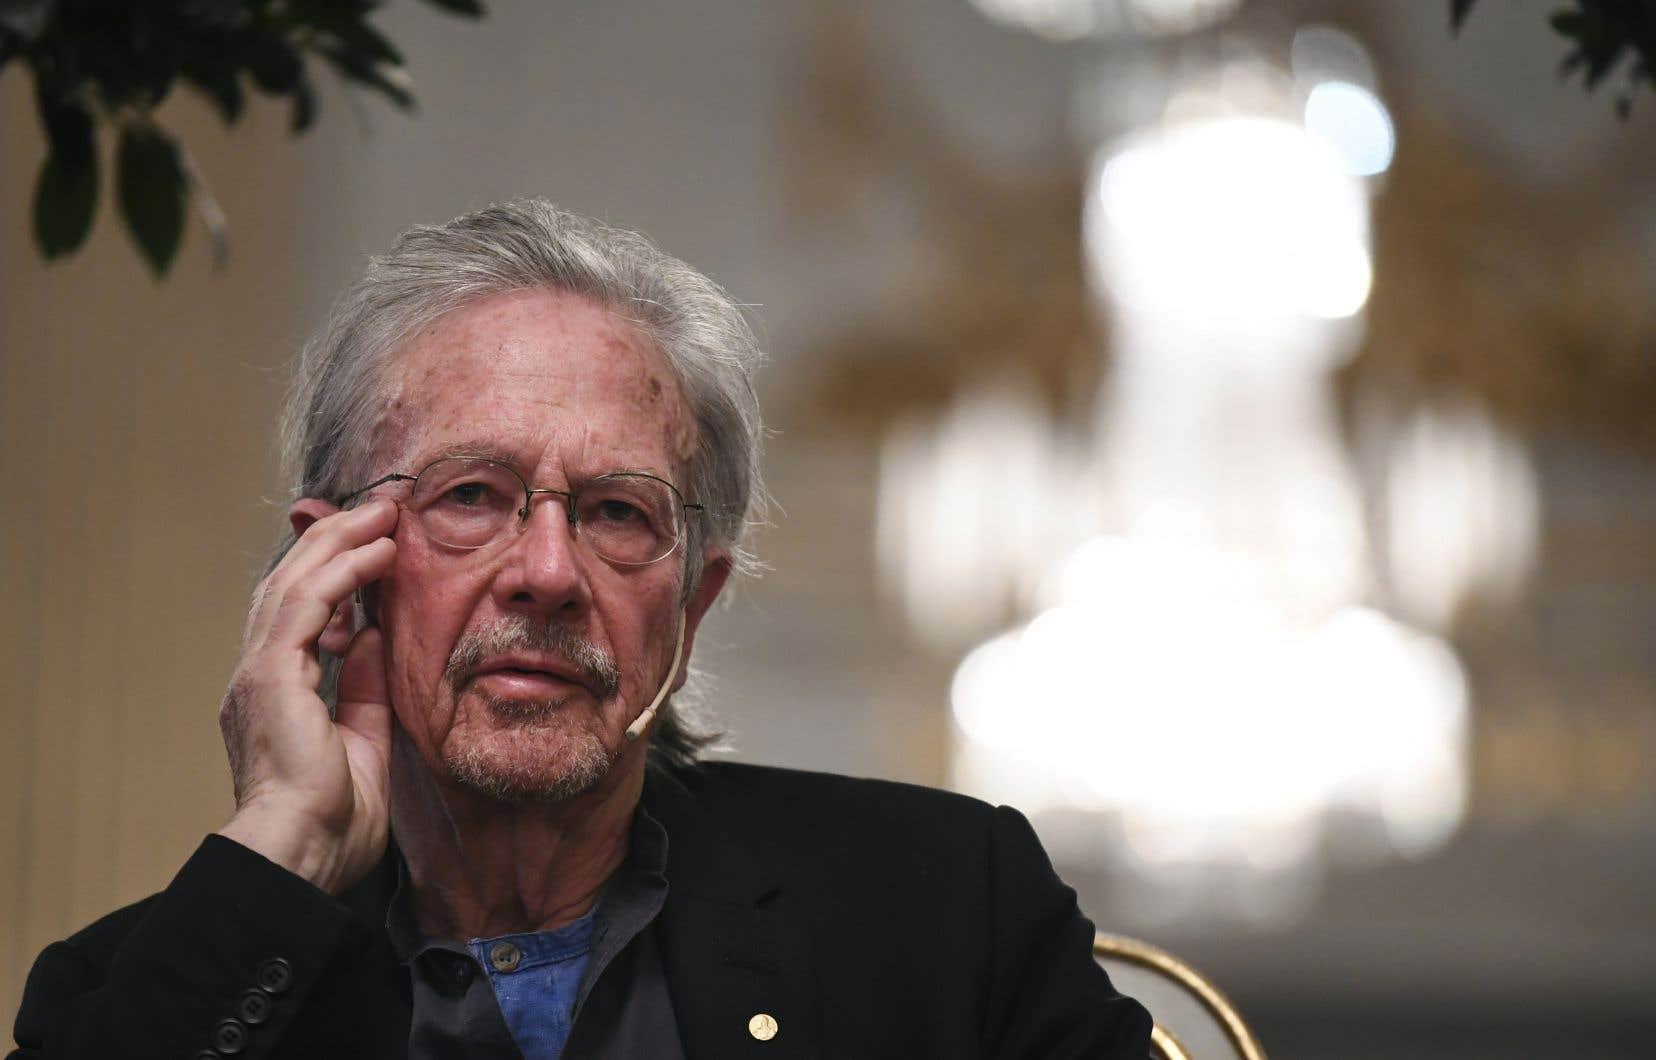 «J'aime la littérature, pas les opinions», a rétorqué Handke à une journaliste qui lui demandait s'il avait changé d'opinion sur ce qui s'était passé dans les Balkans dans les années 1990.